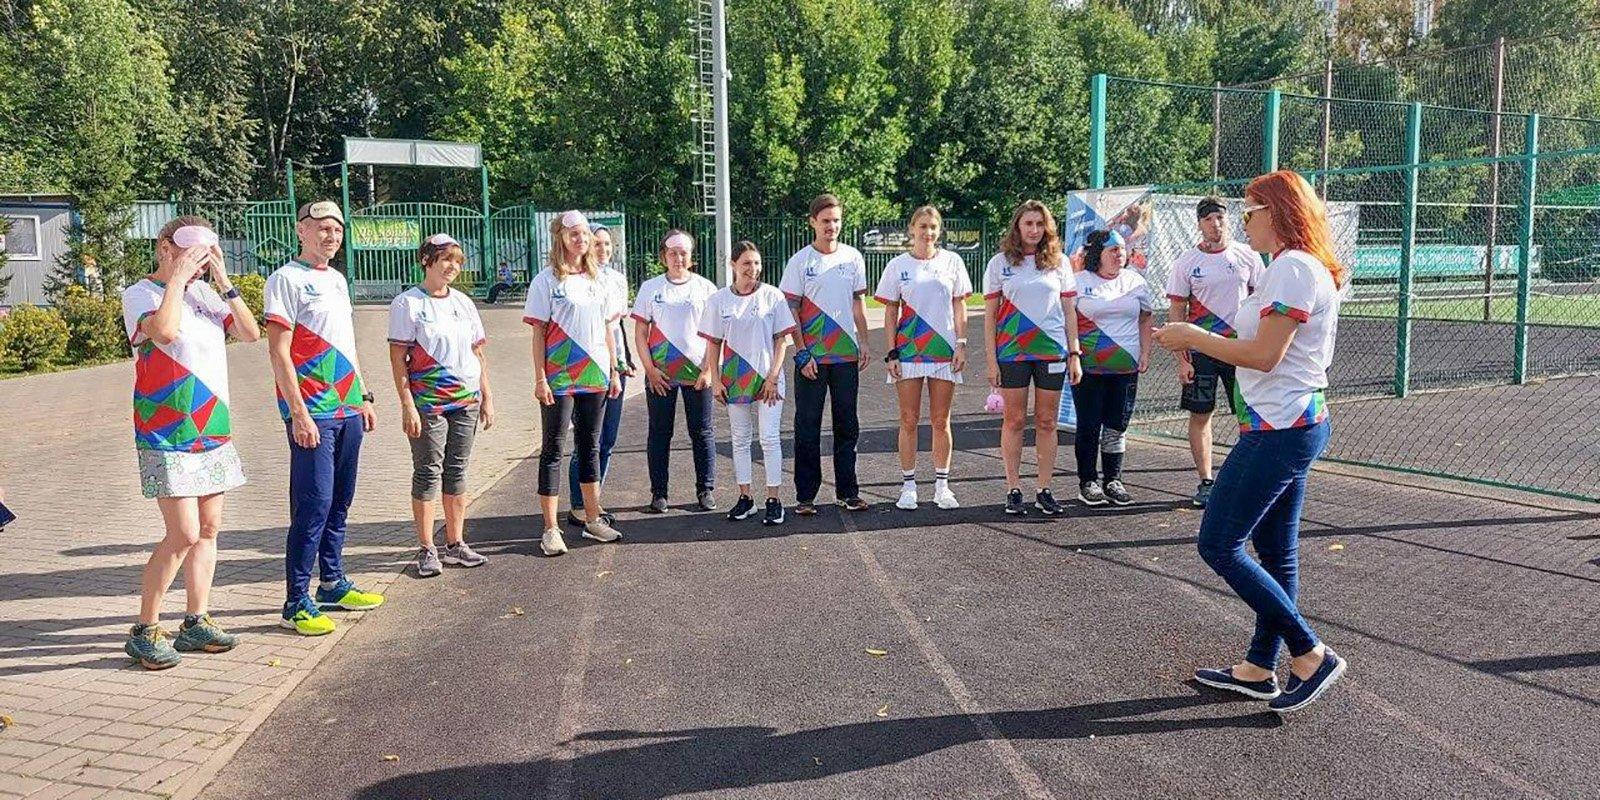 Как волонтеры помогают людям с ограниченными возможностями здоровья